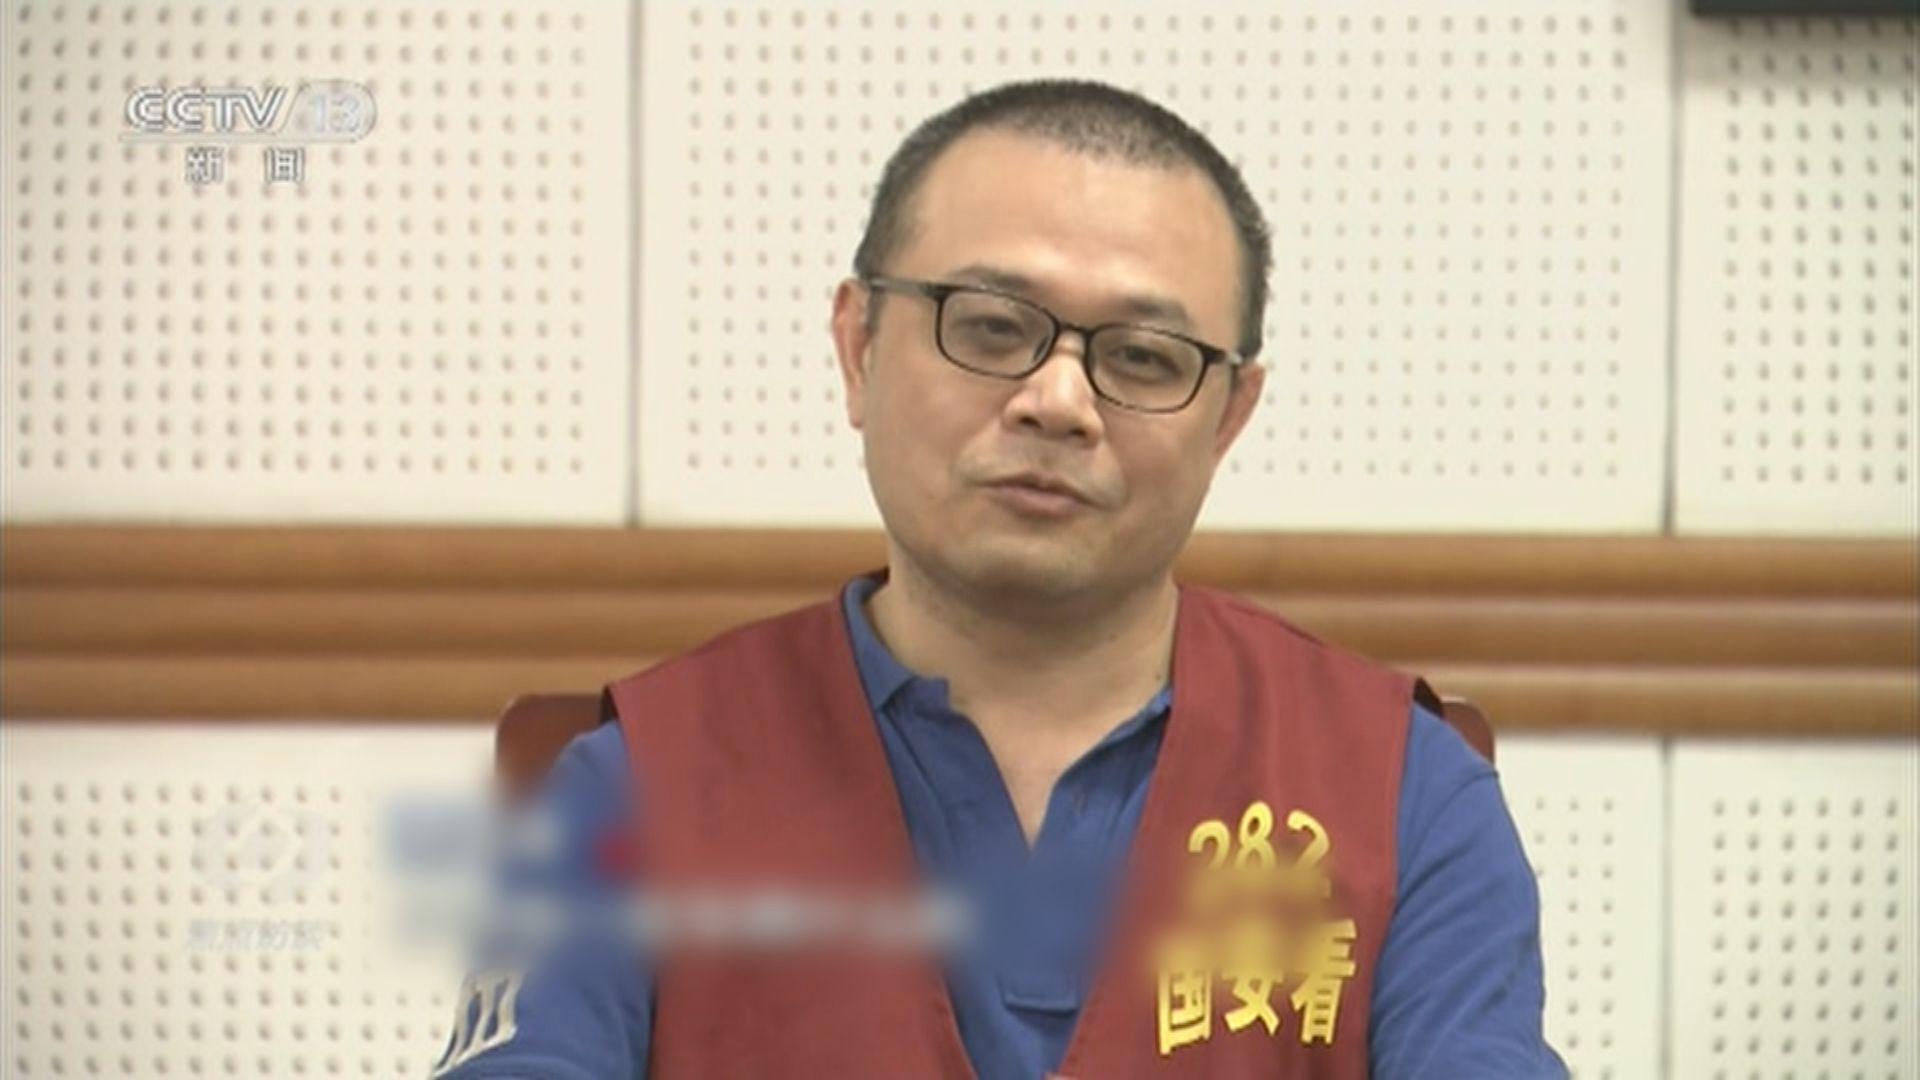 央視公開李孟居被國安機關拘捕細節